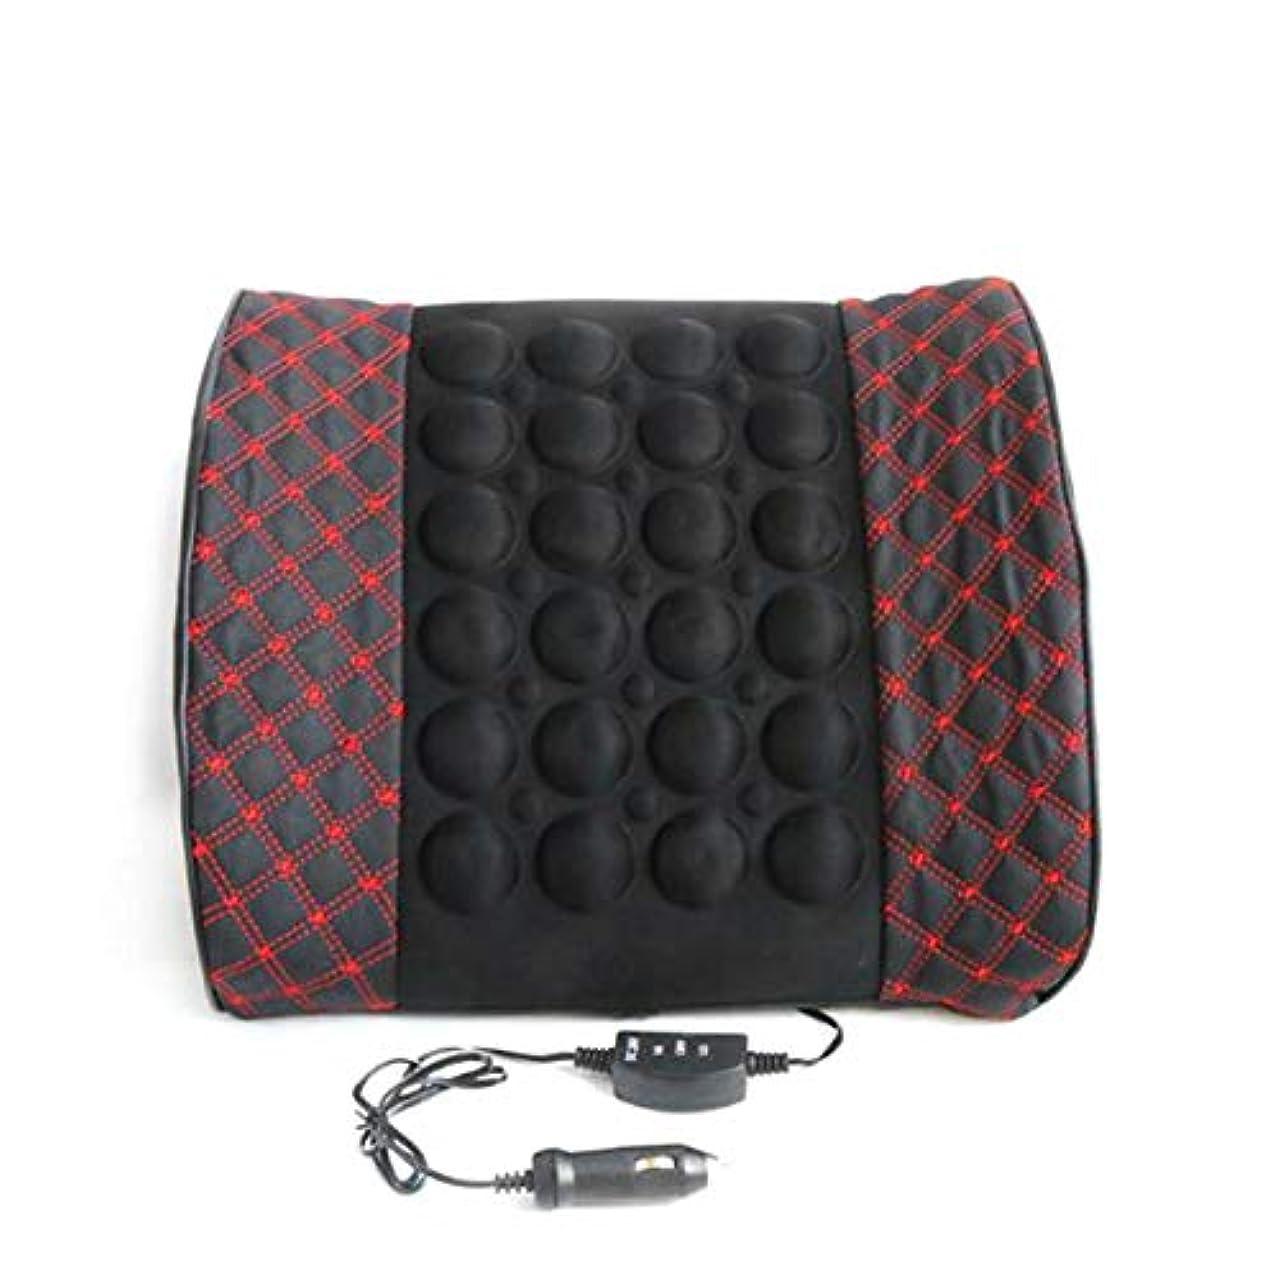 取り囲む担当者リズミカルなMicrofiber Leather Car Back Support Lumbar Posture Support Breathable Electrical Massage Cushion Health Care Tool